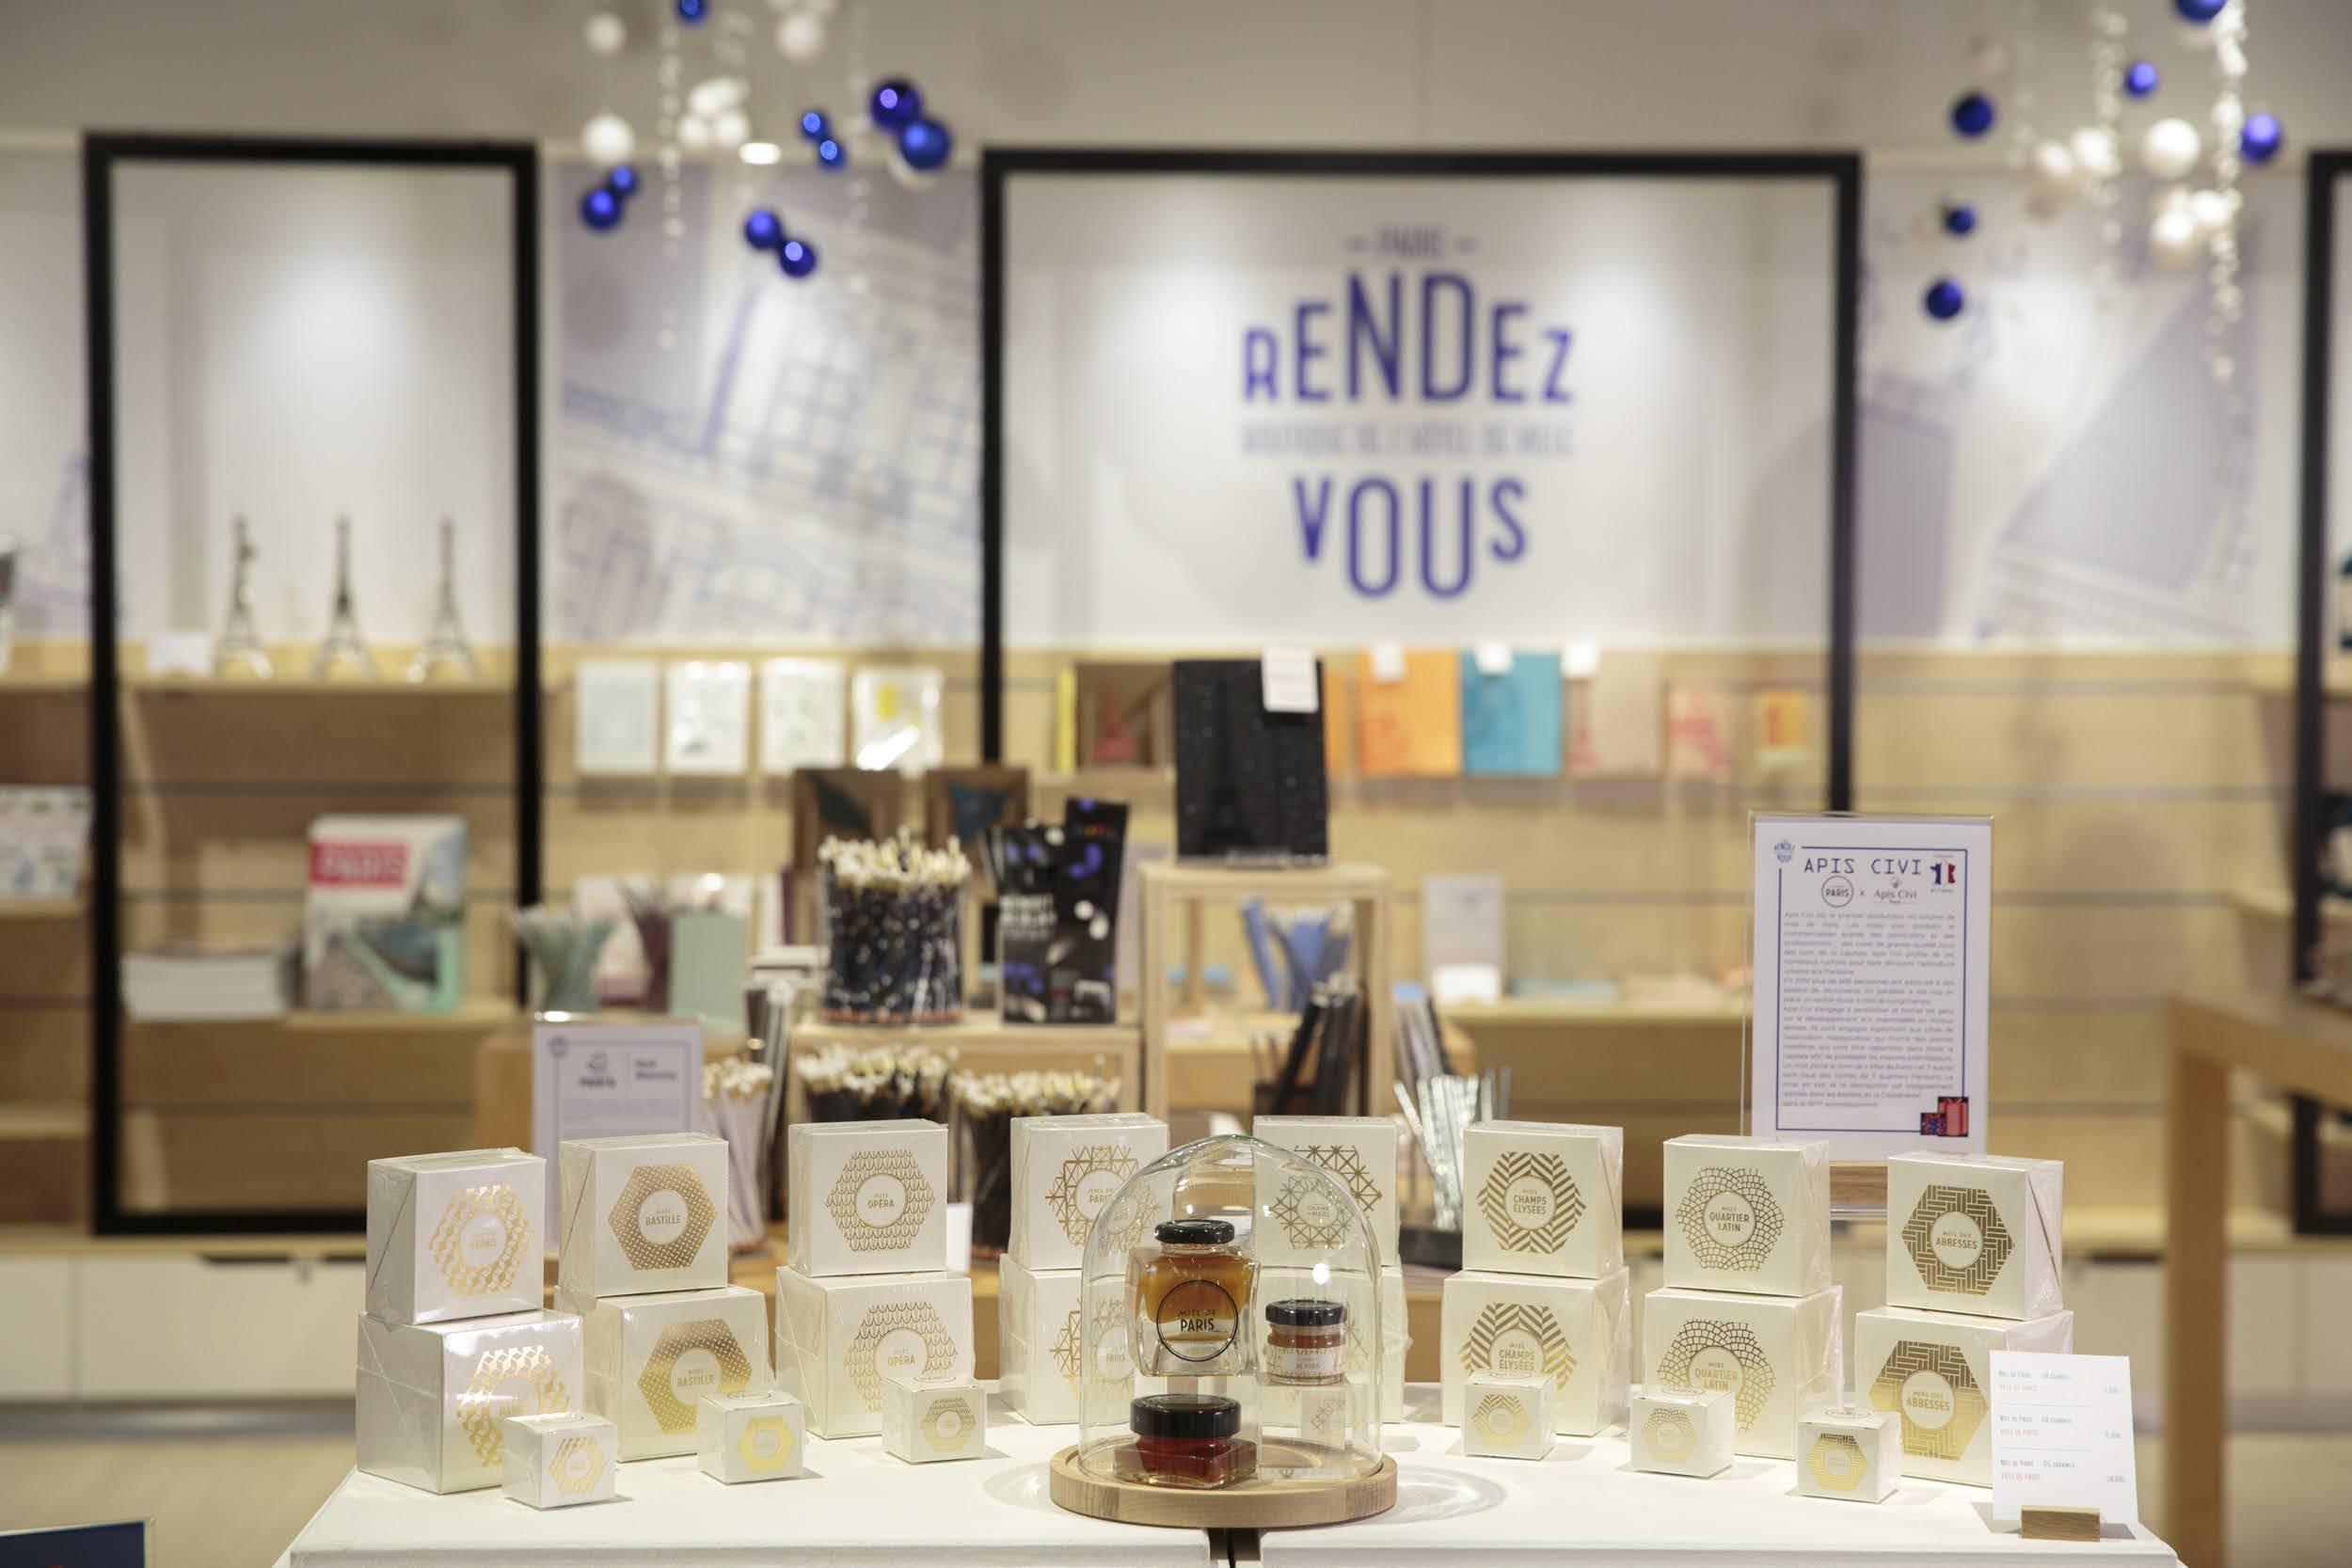 Faire ses cadeaux pour les fêtes à Paris Rendez-vous